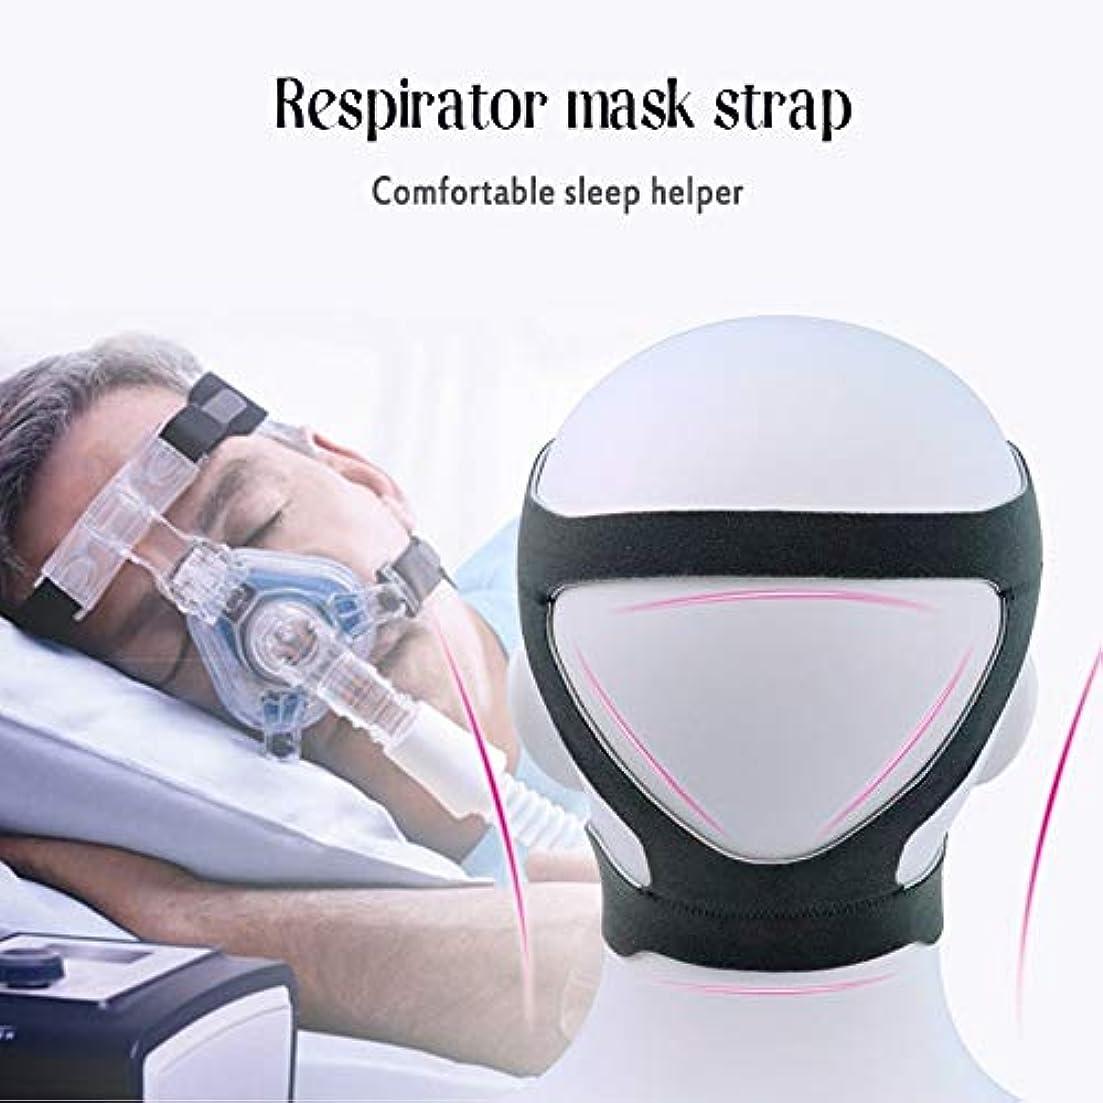 選ぶ小競り合いローン注無臭の耐久性のあるCPAP用ヘッドギアマスク弾性繊維ヘッドバンドユニバーサル鼻用マスクフルフェイスマスクヘッドベルト医療用